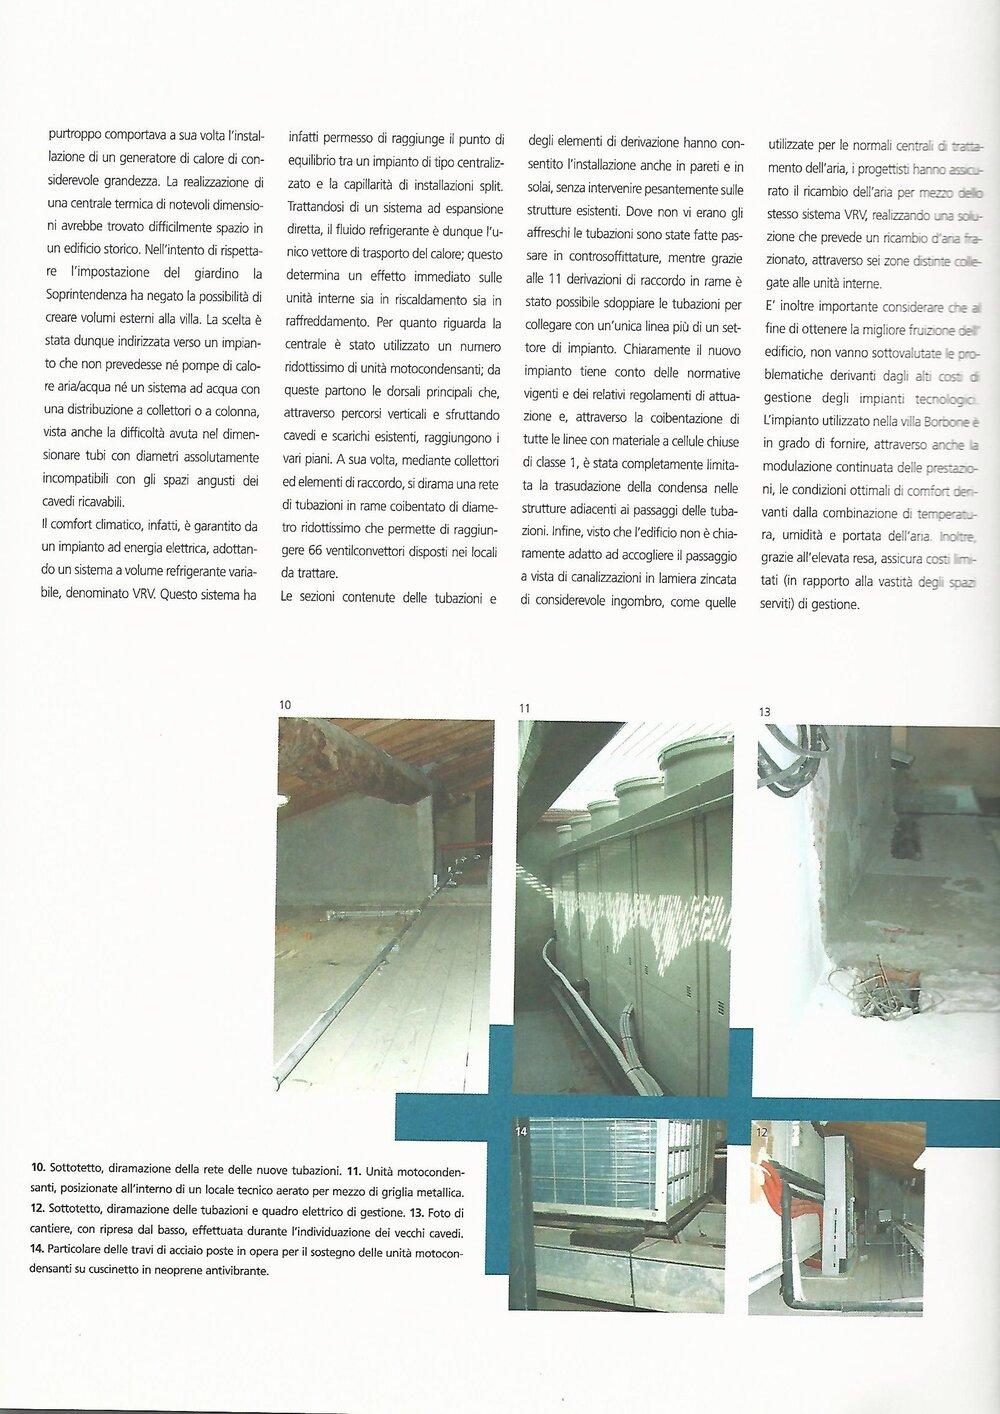 Impianti su Impianti_Pagina_6.jpg